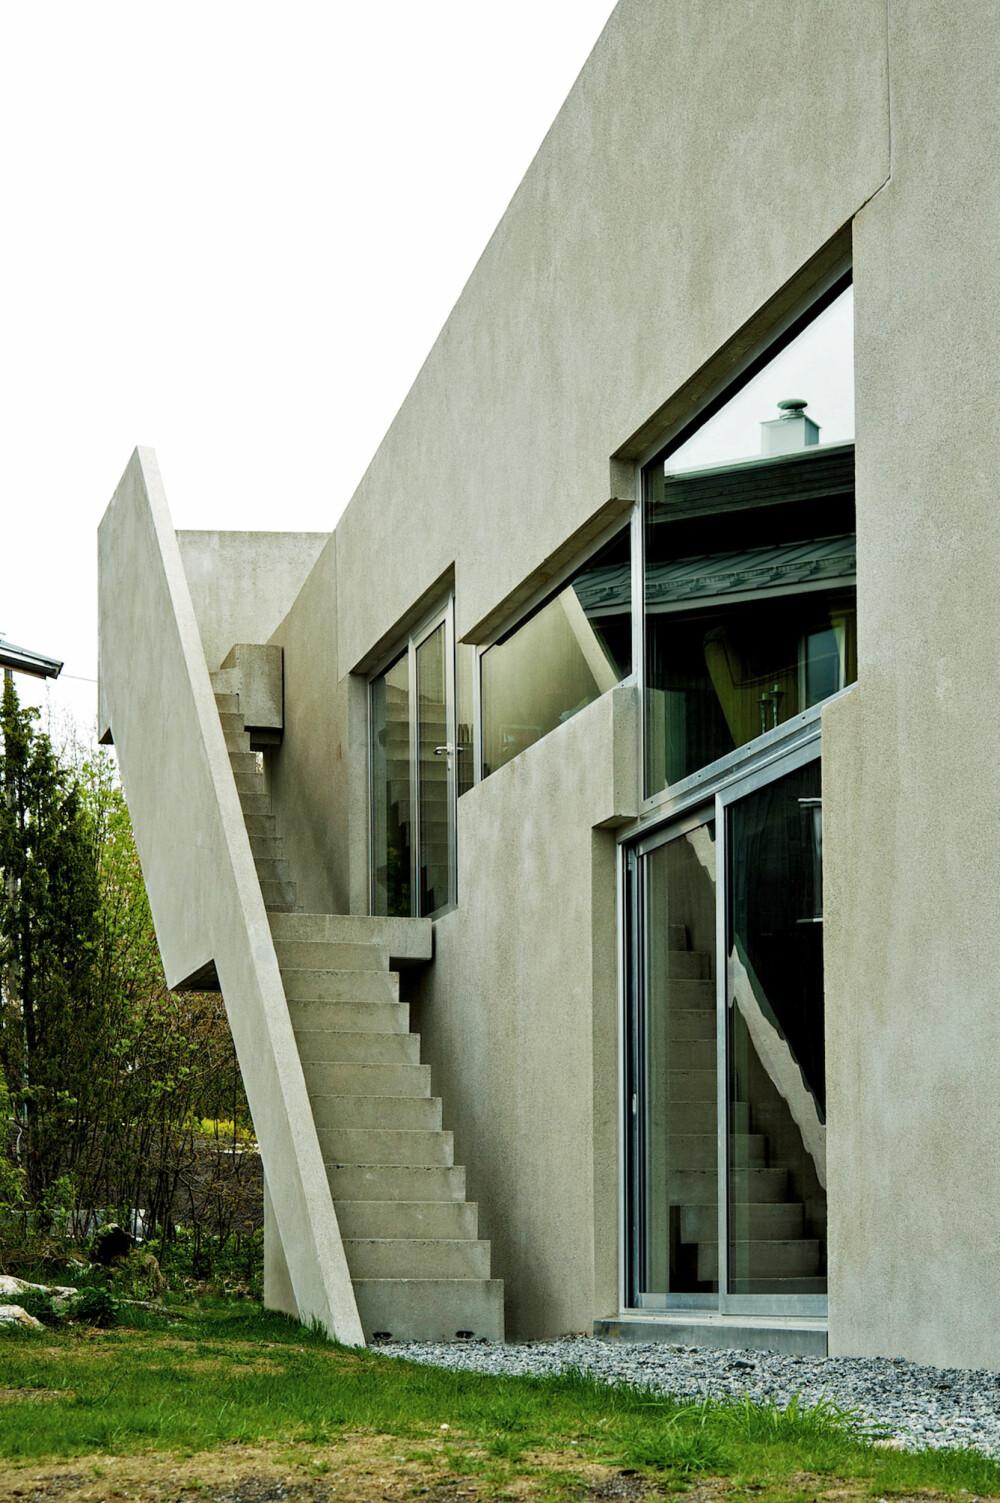 HIMMELTRAPP: En utvendig trapp fører opp til takterrassen, som er skjermet ved at betongelementene er trukket opp over takhøyde.